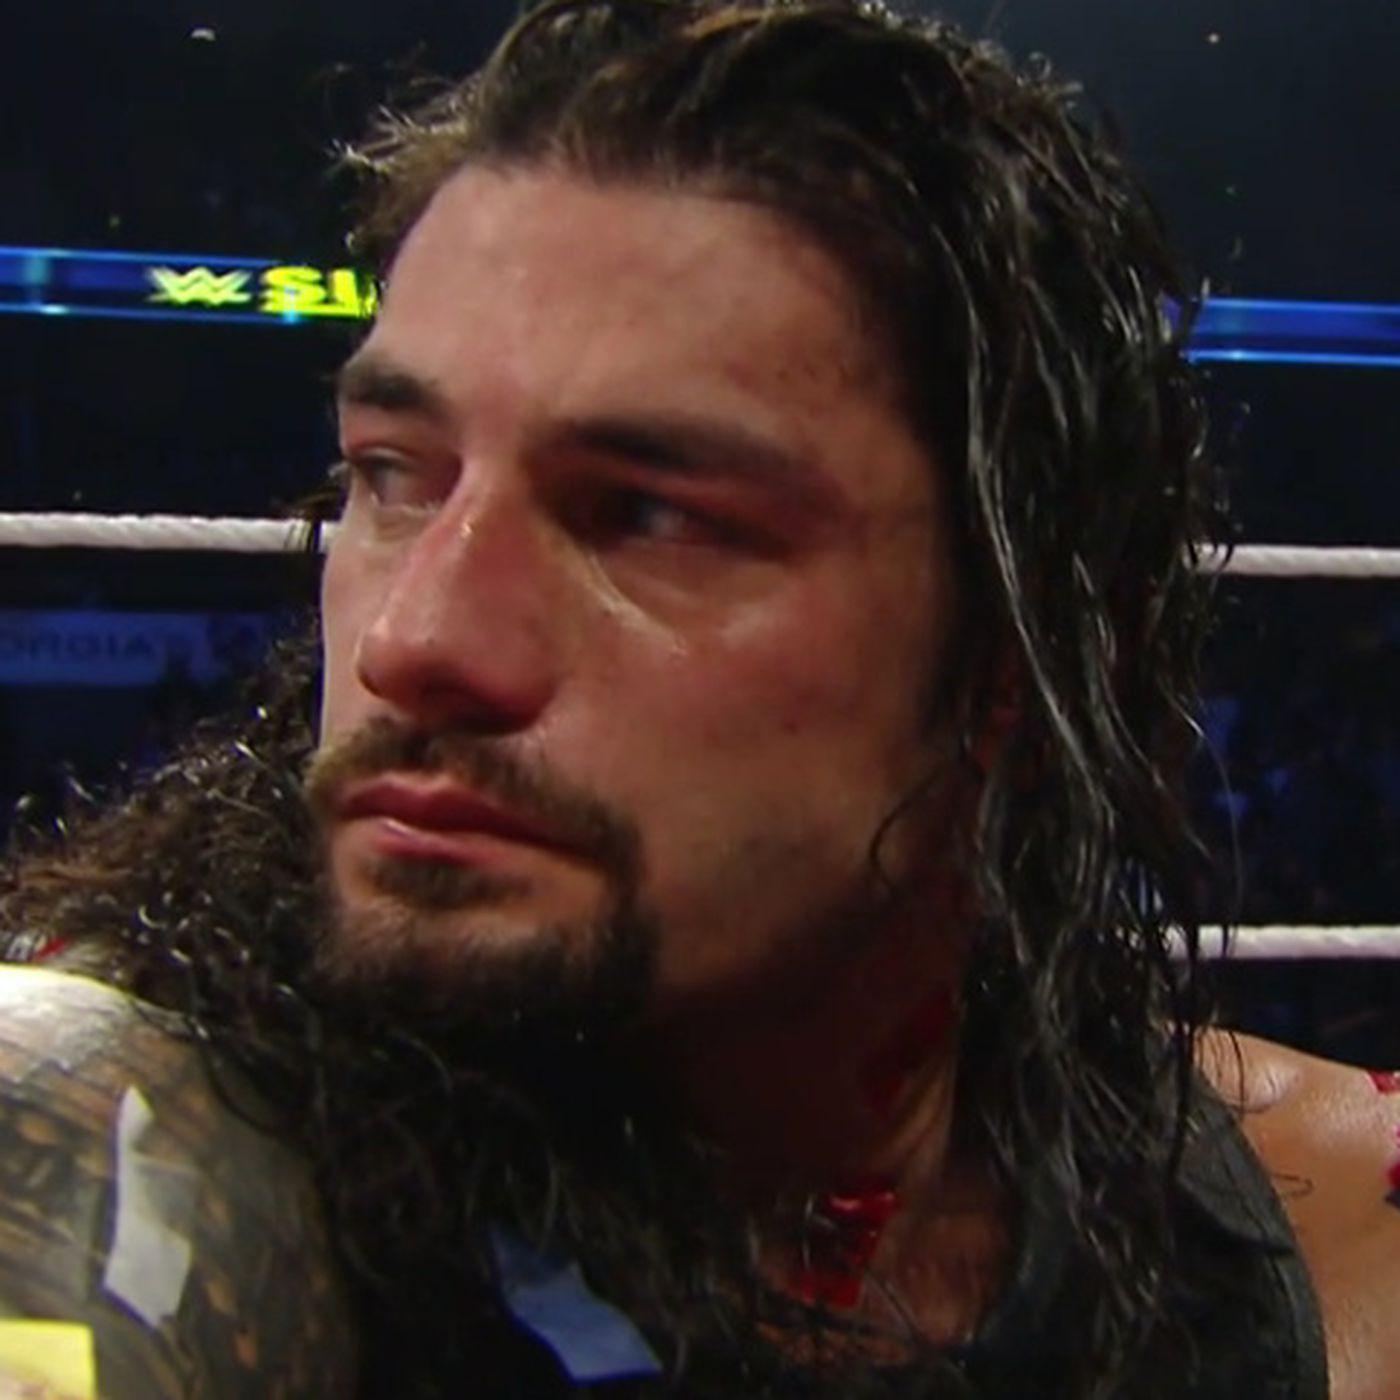 ऐसे पांच रैसलर, जिन्हें चौबीस घंटे के भीतर ही गंवानी पड़ी WWE वर्ल्ड चैंपियनशिप 22